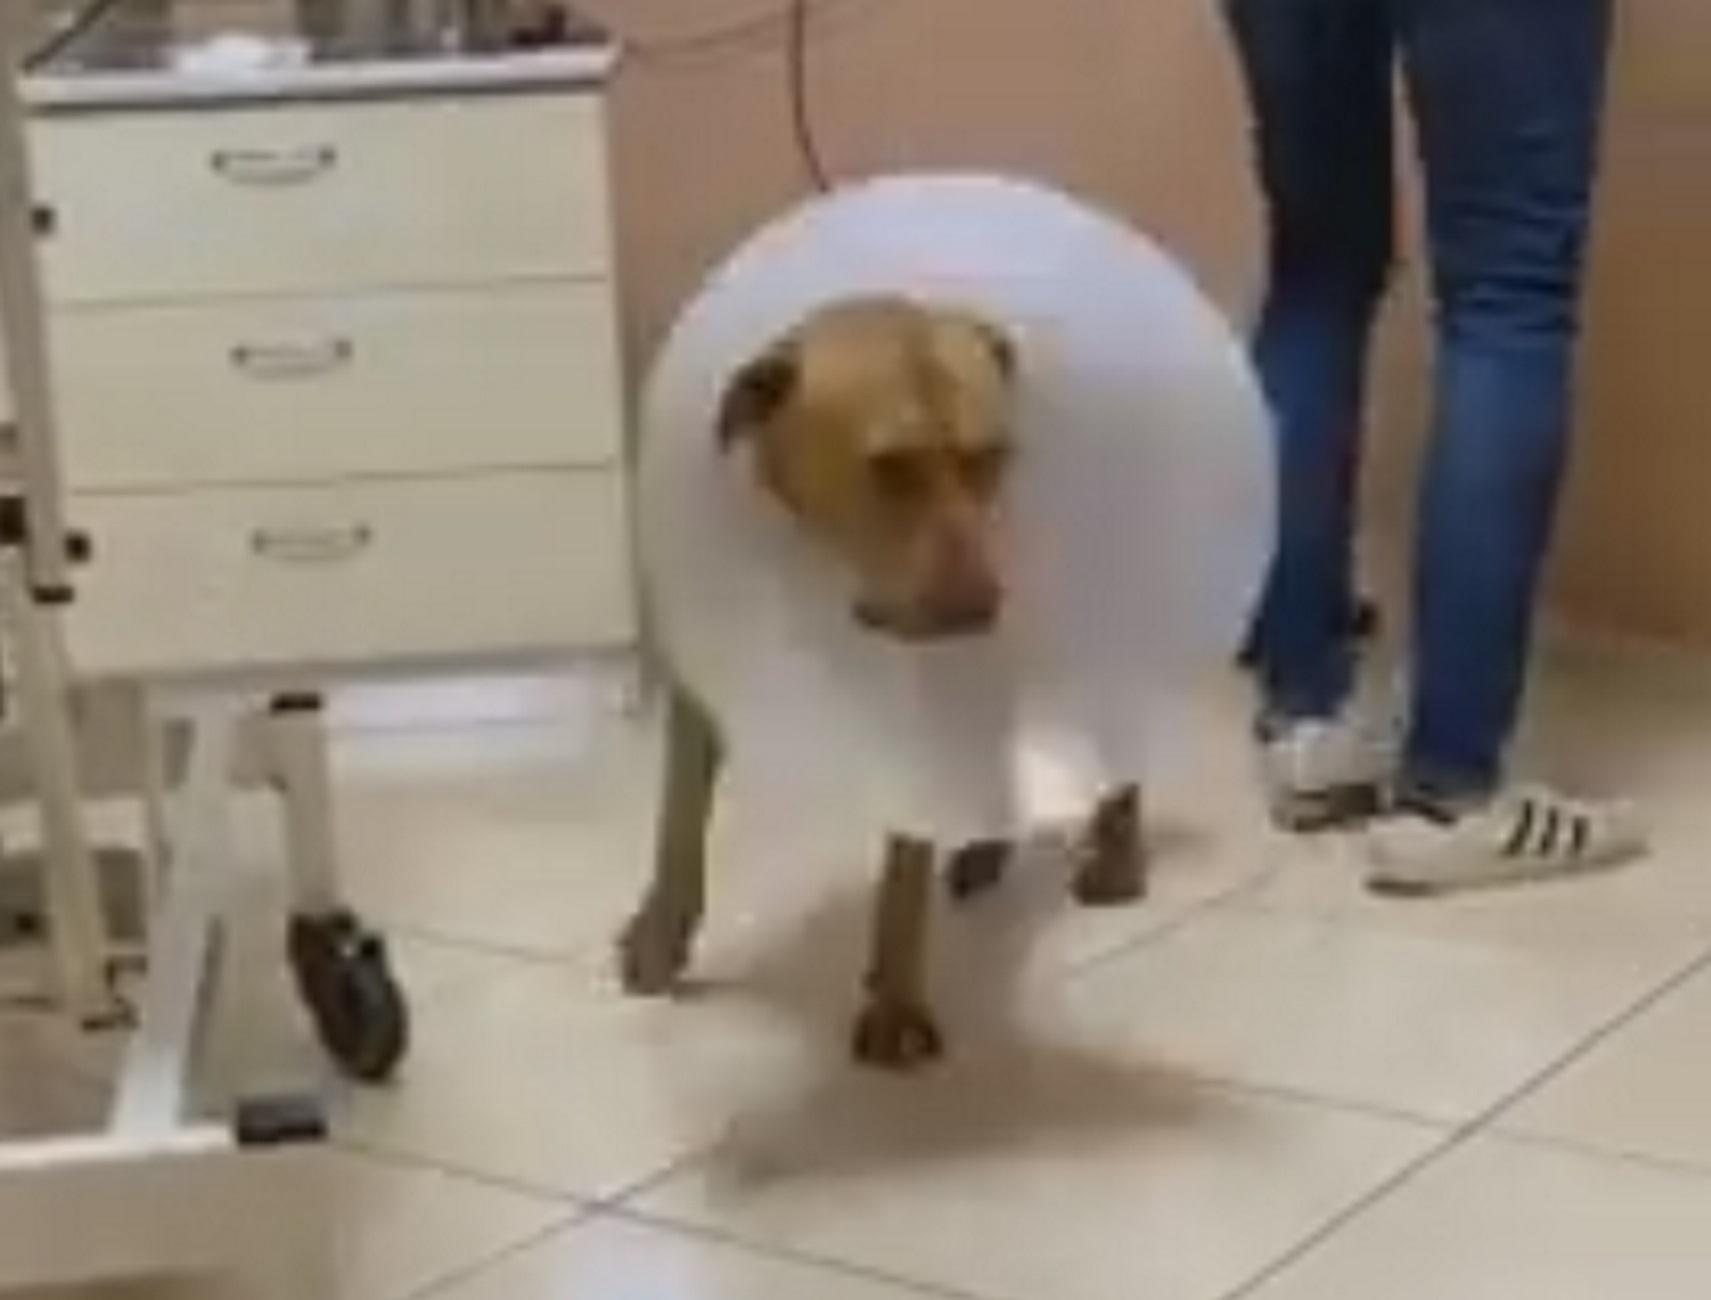 Χανιά: Νέα στοιχεία για την κτηνωδία της χρονιάς! Δείτε πως είναι σήμερα ο σκύλος που υπέφερε τα πάνδεινα (Βίντεο)